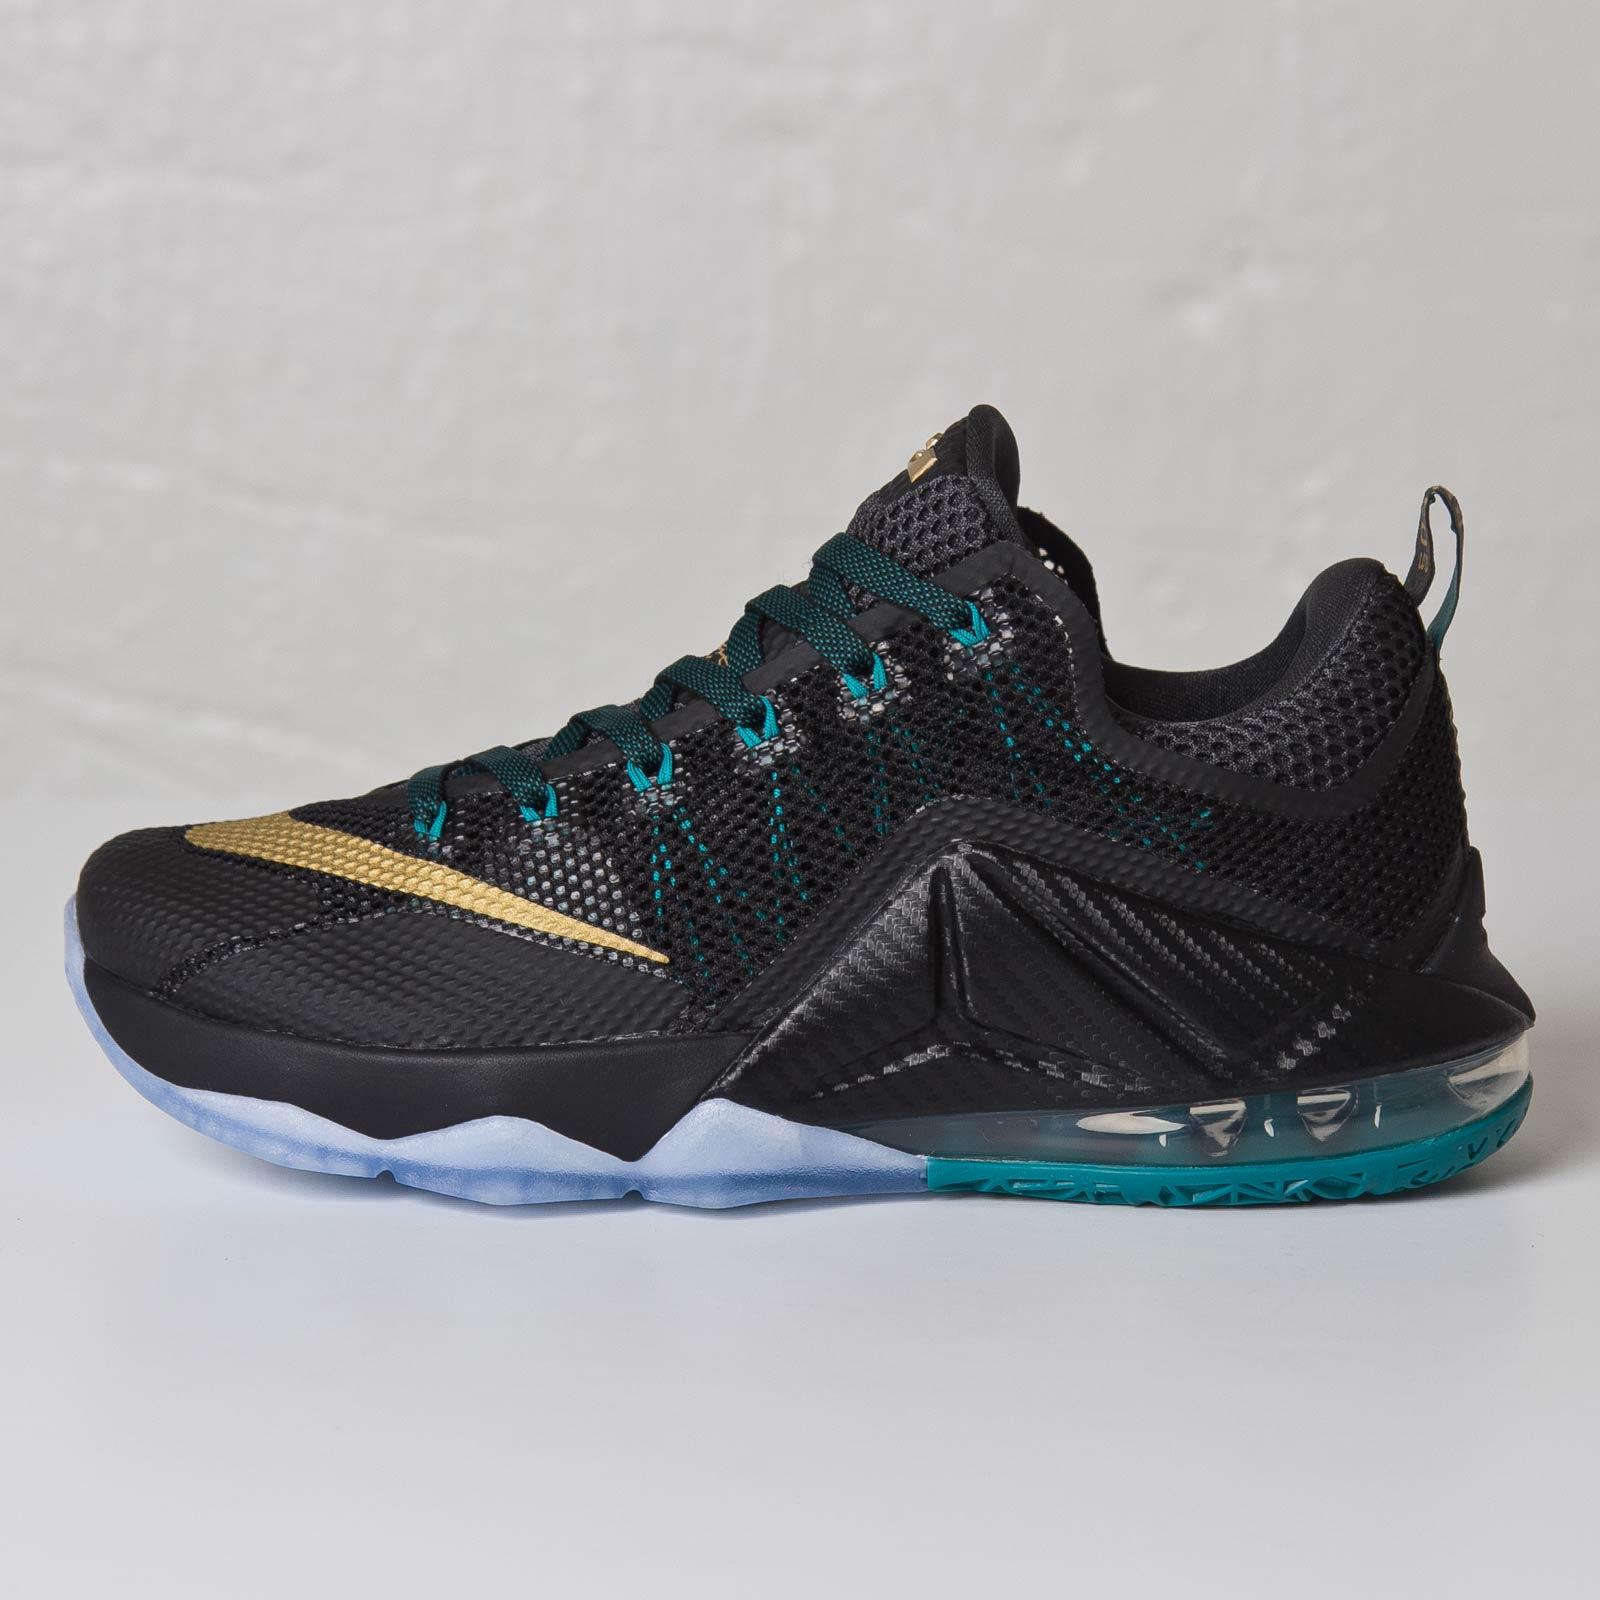 best sneakers 79204 1a623 Nike Lebron XII Low - 724557-070 - Sneakersnstuff   sneakers   streetwear  online since 1999